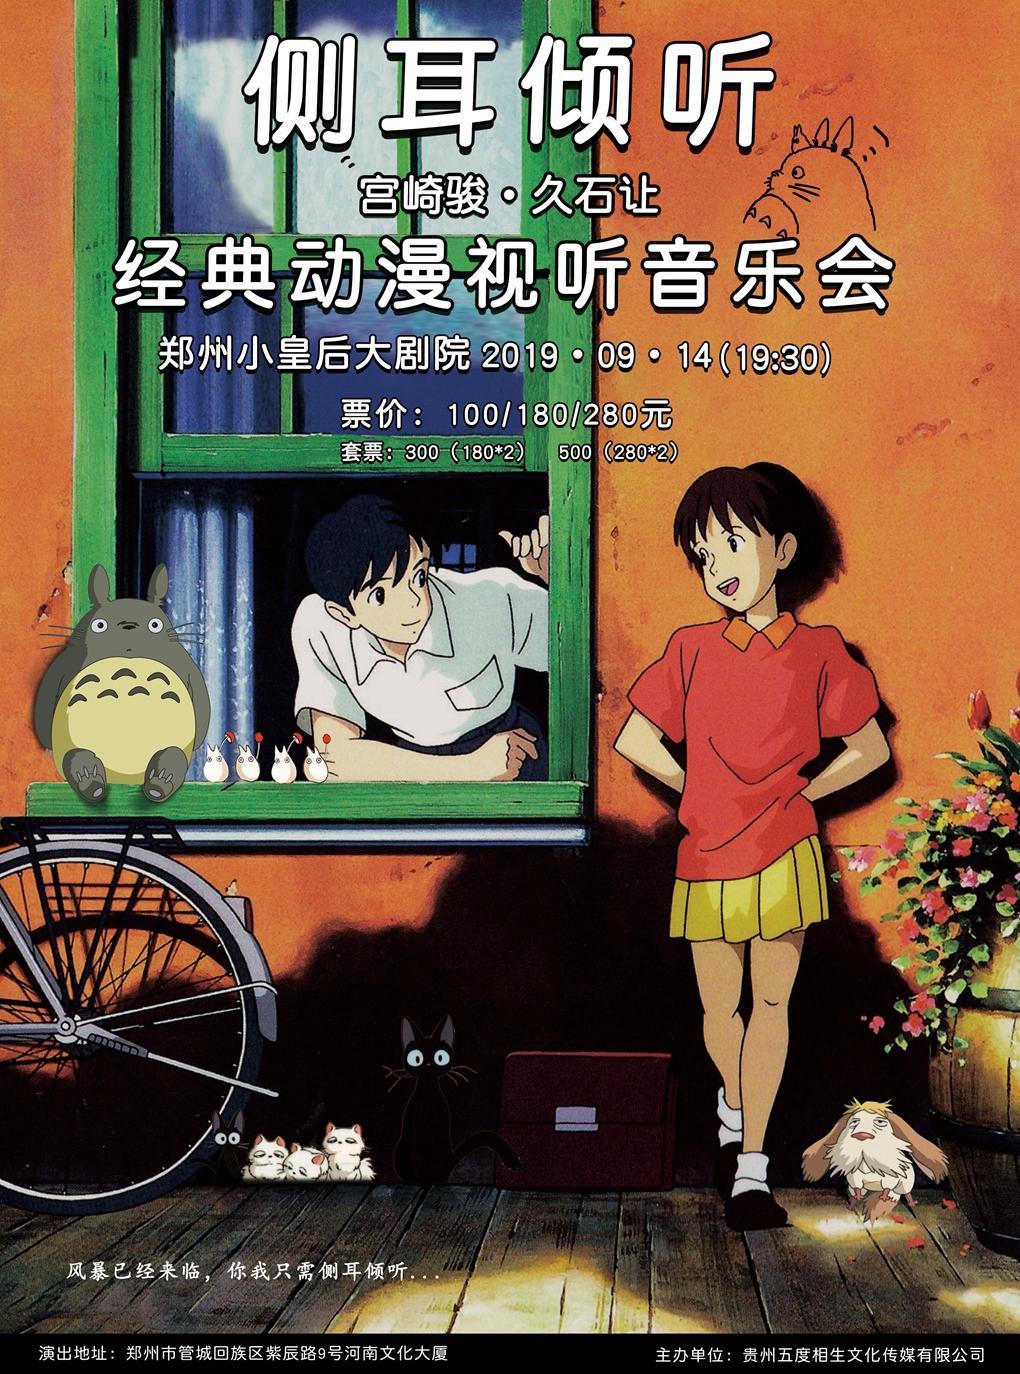 郑州 宫崎骏•久石让视听音乐会